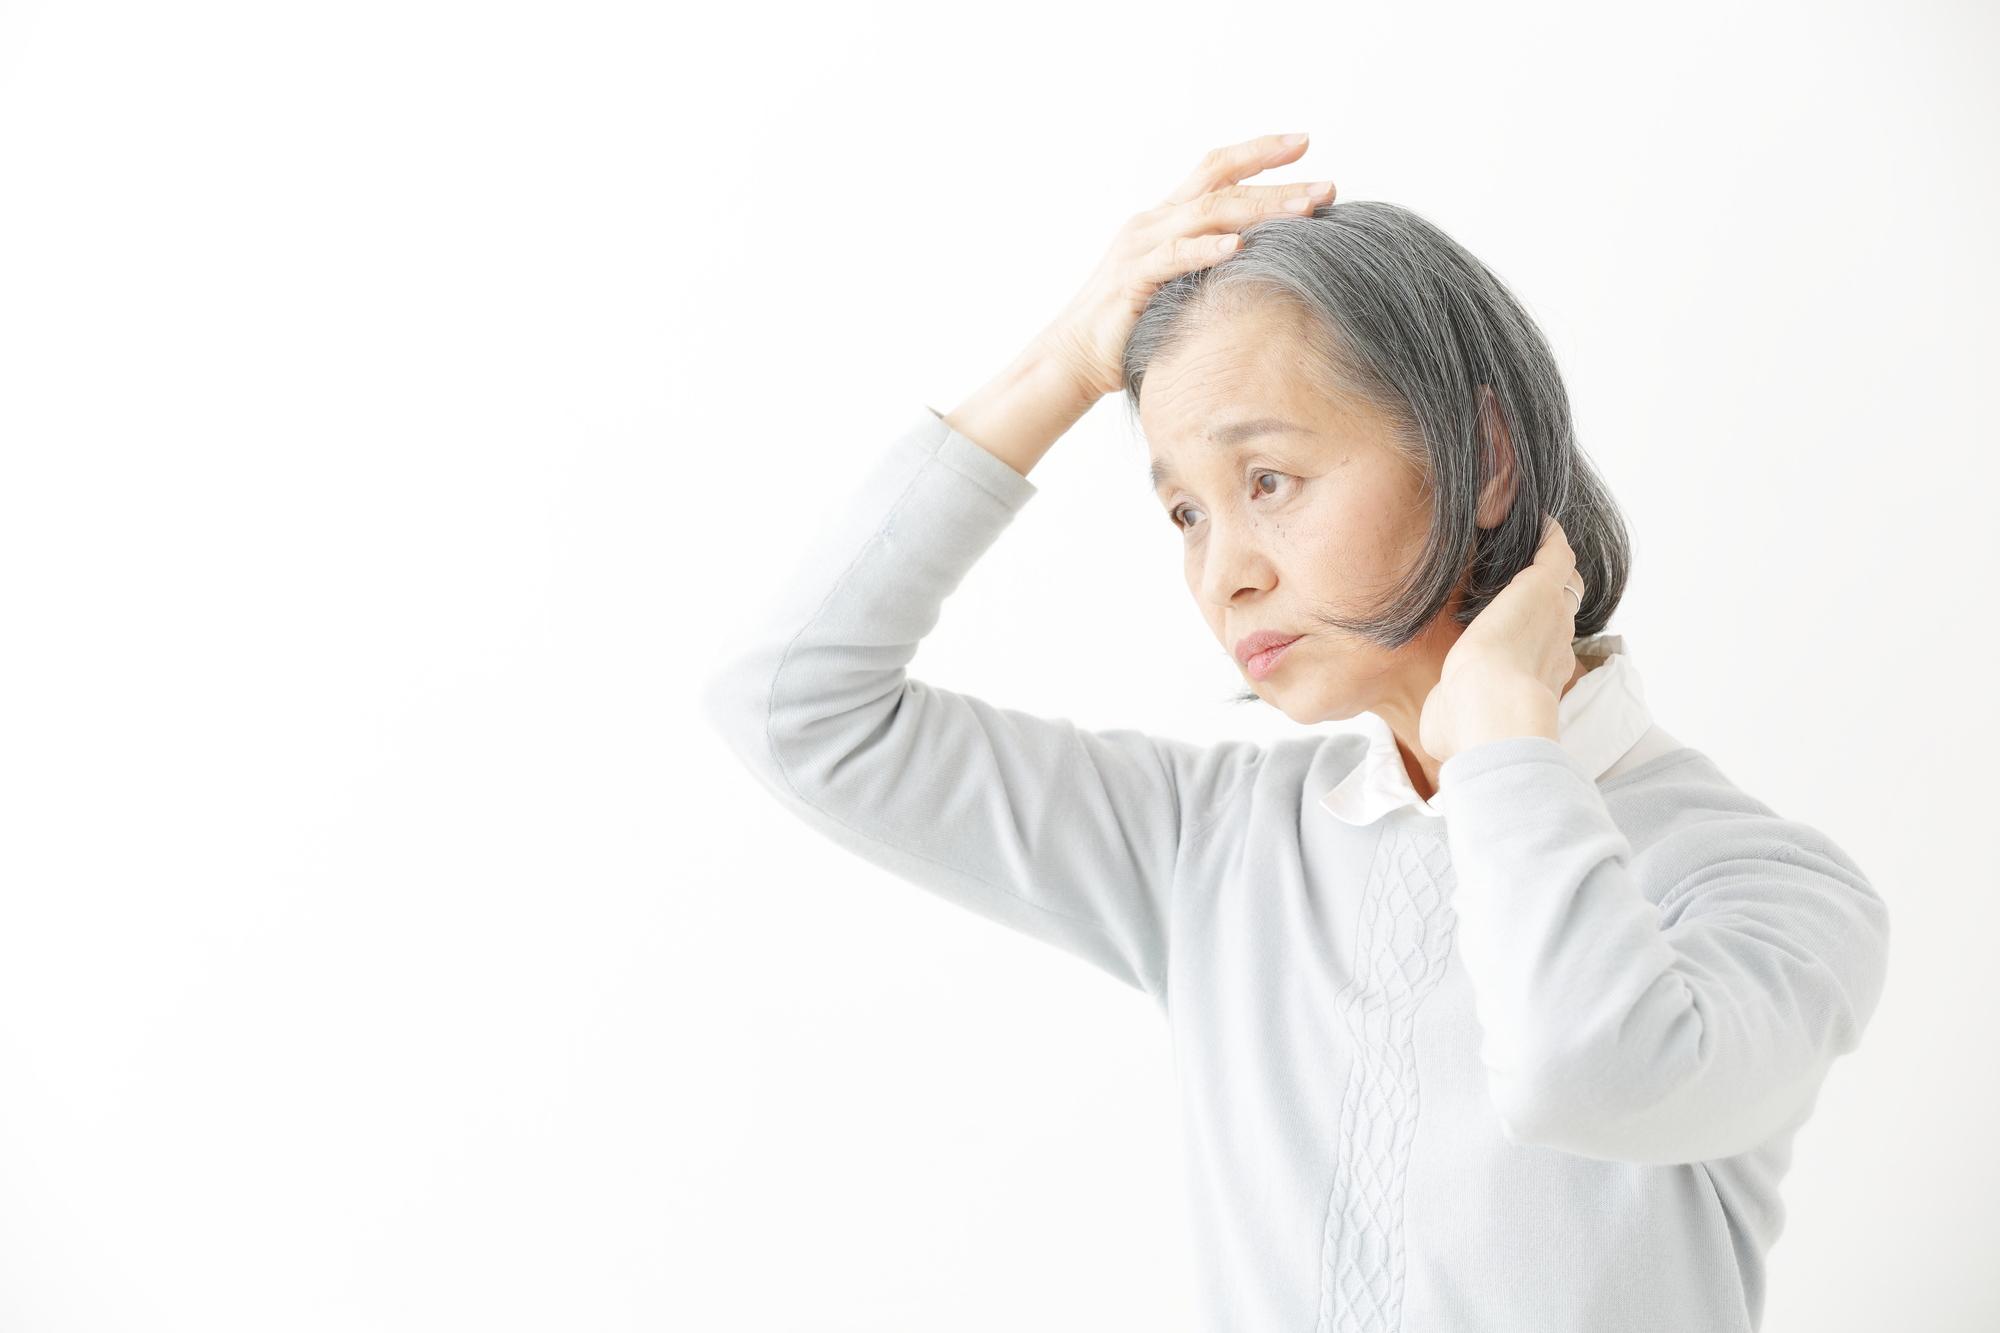 【原因から探る】60代女性の薄毛の対策方法とは…